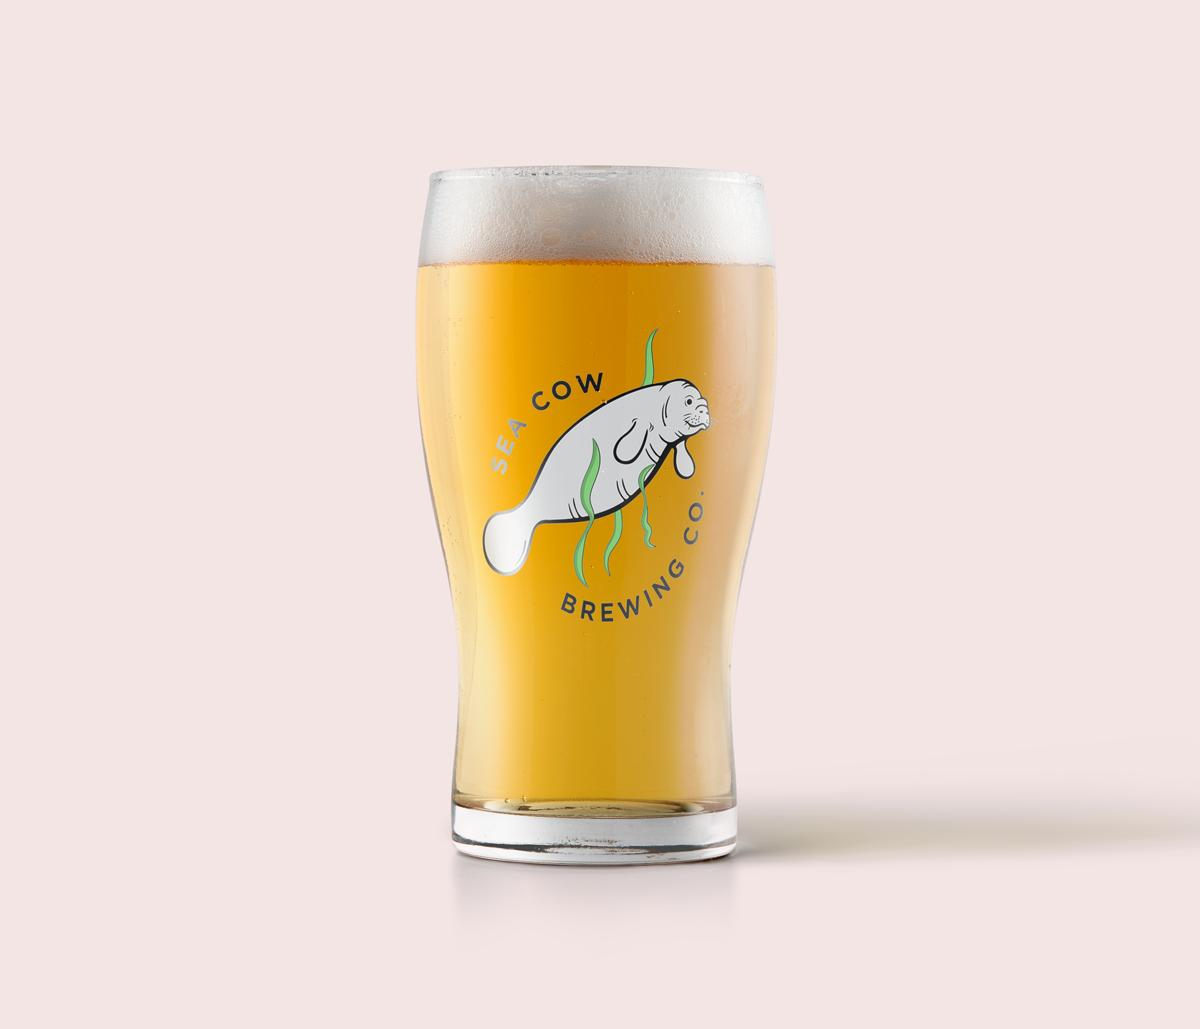 Sea-Cow-Beer-Mug.png